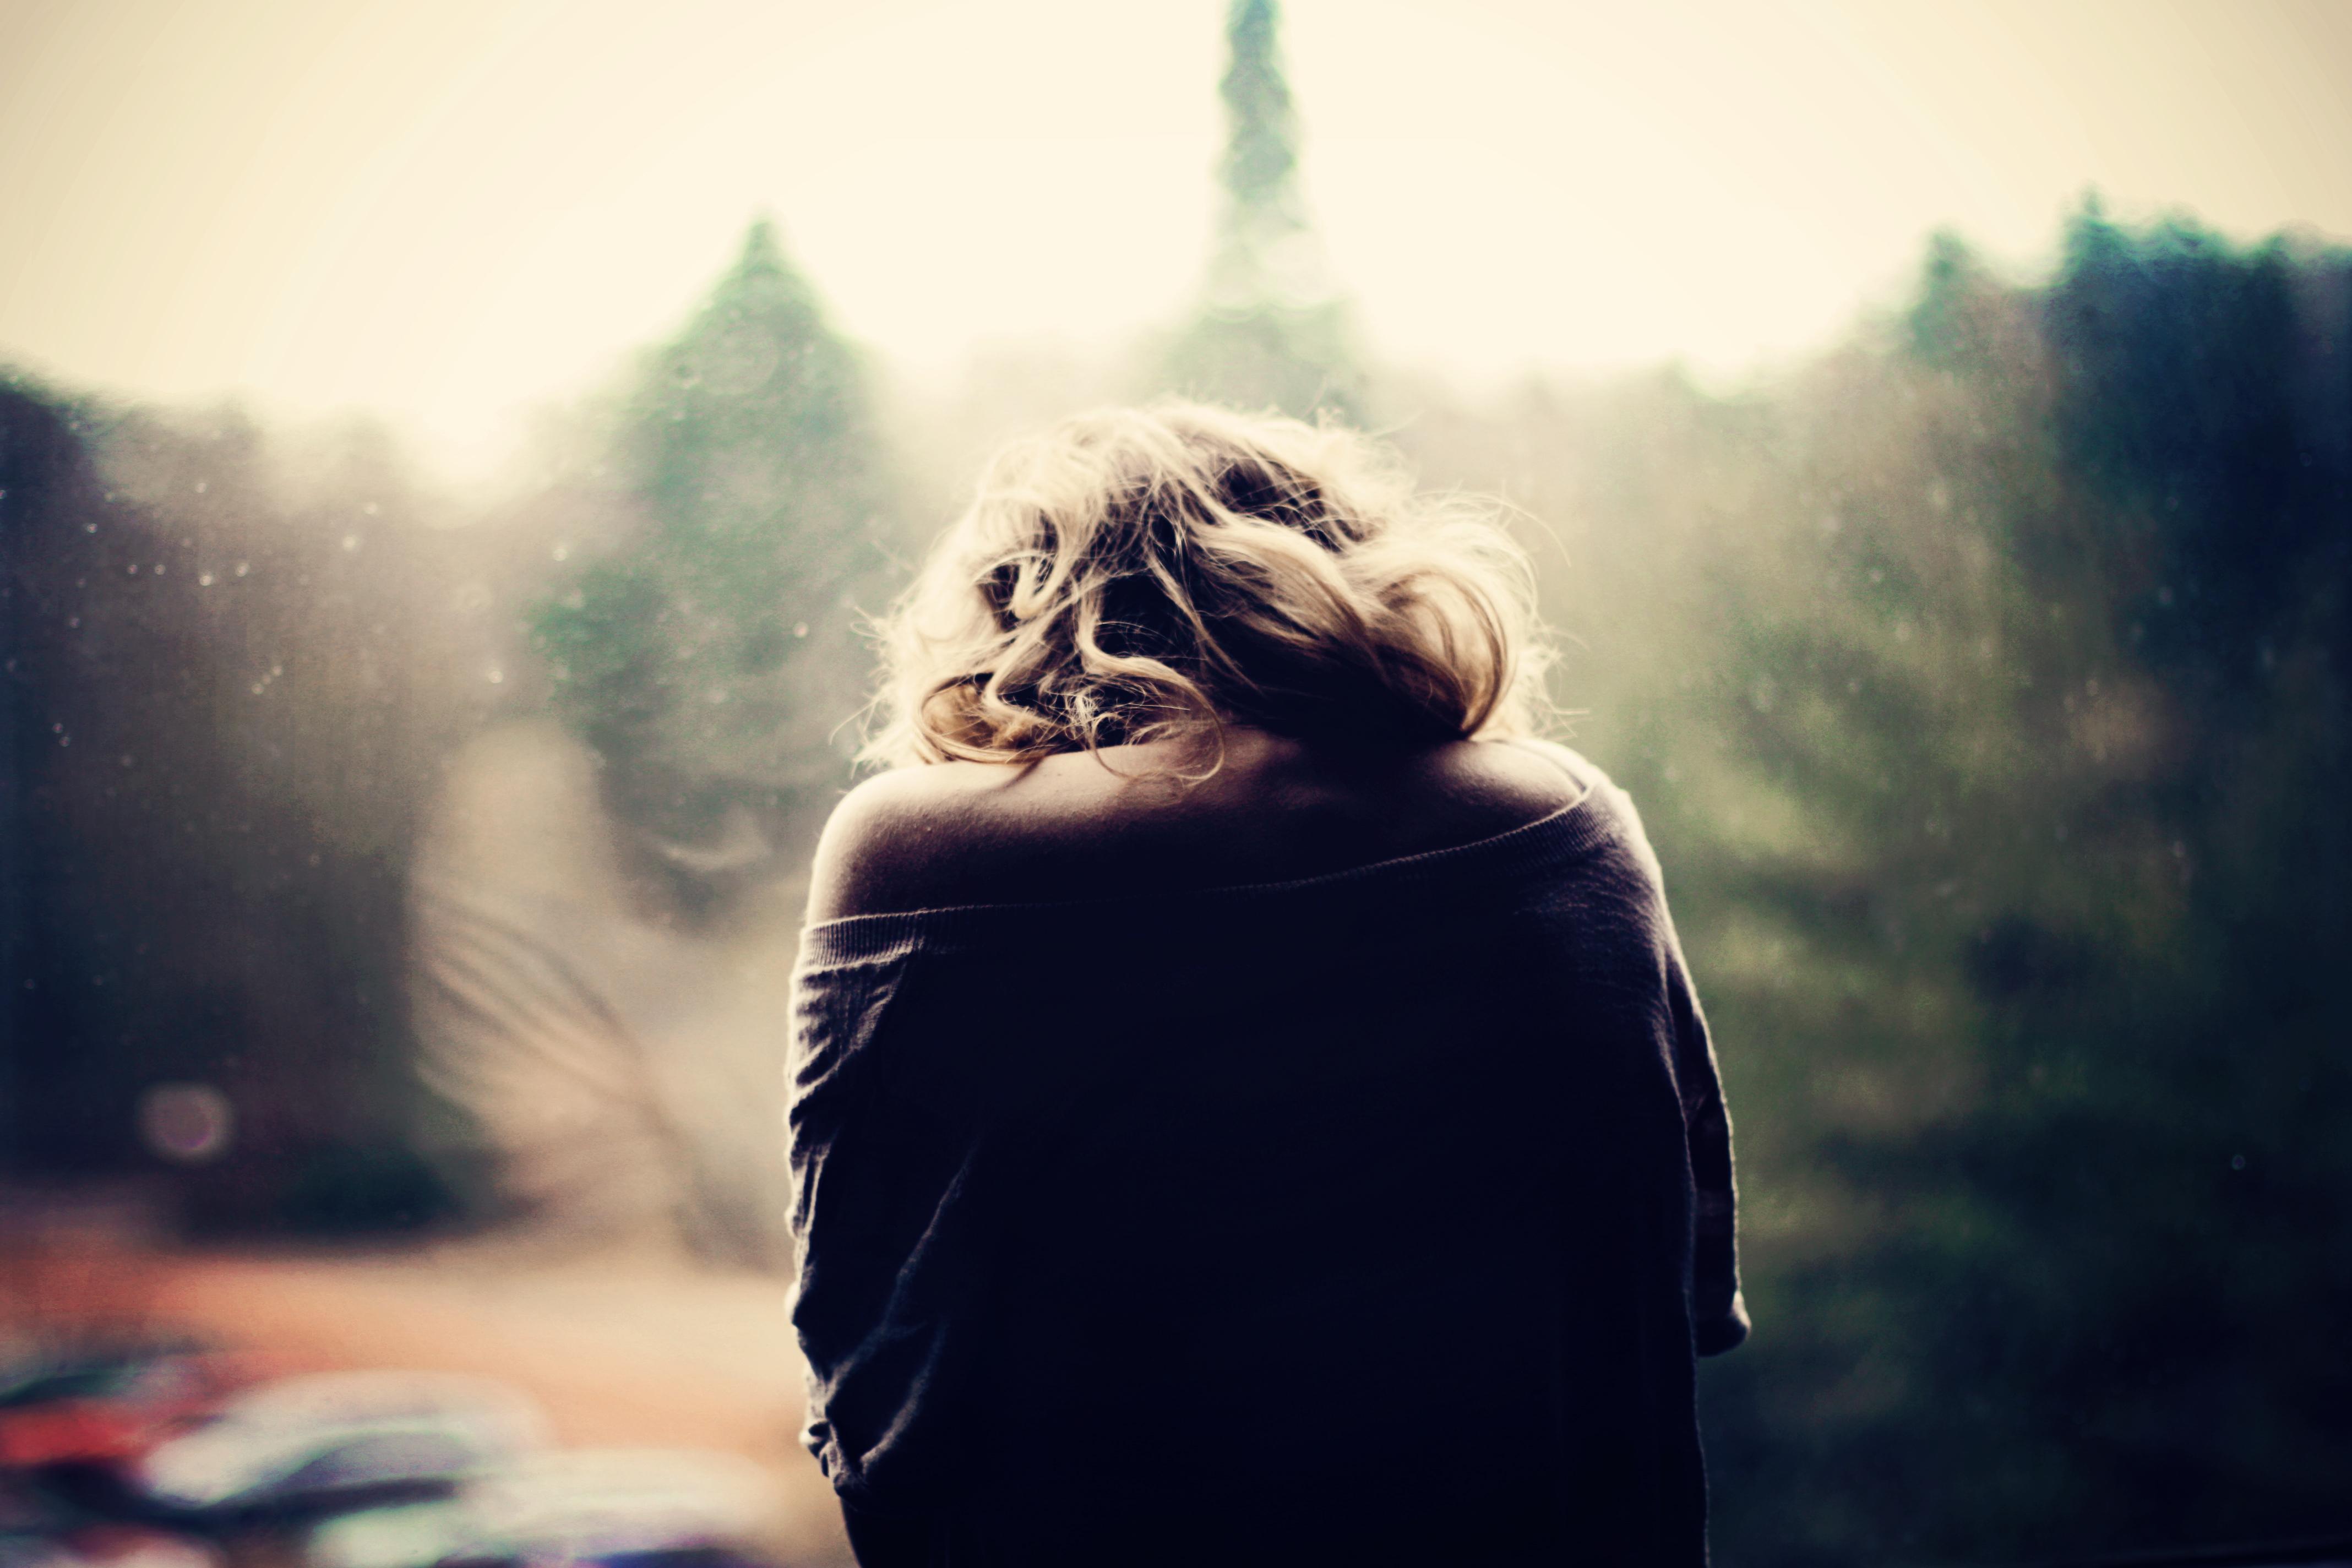 sad-girl-photography-4